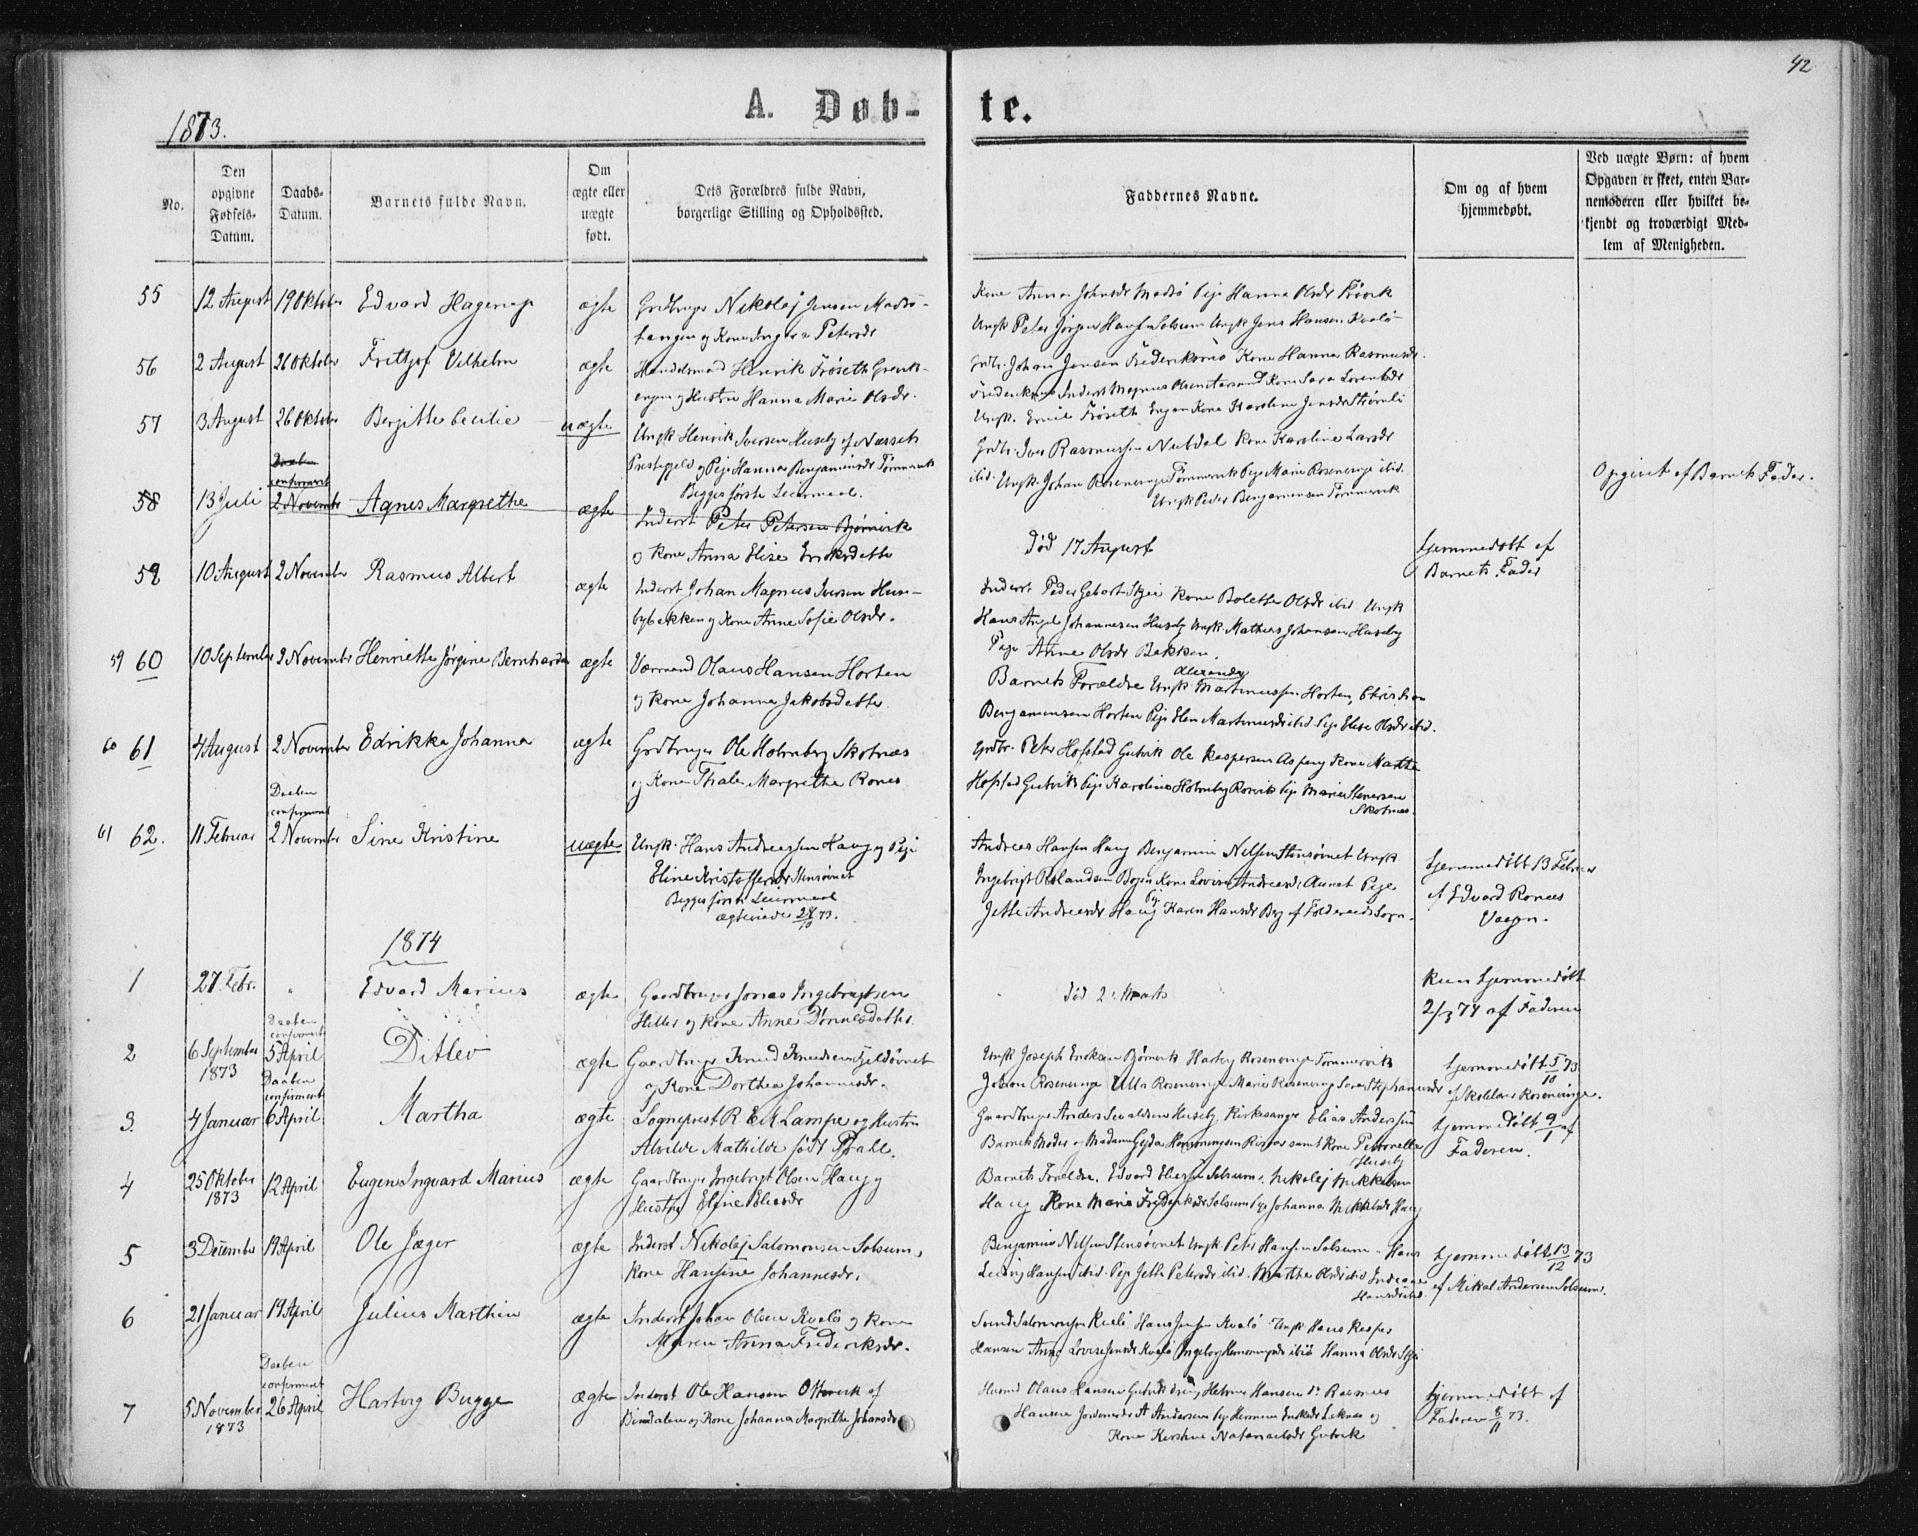 SAT, Ministerialprotokoller, klokkerbøker og fødselsregistre - Nord-Trøndelag, 788/L0696: Ministerialbok nr. 788A03, 1863-1877, s. 42